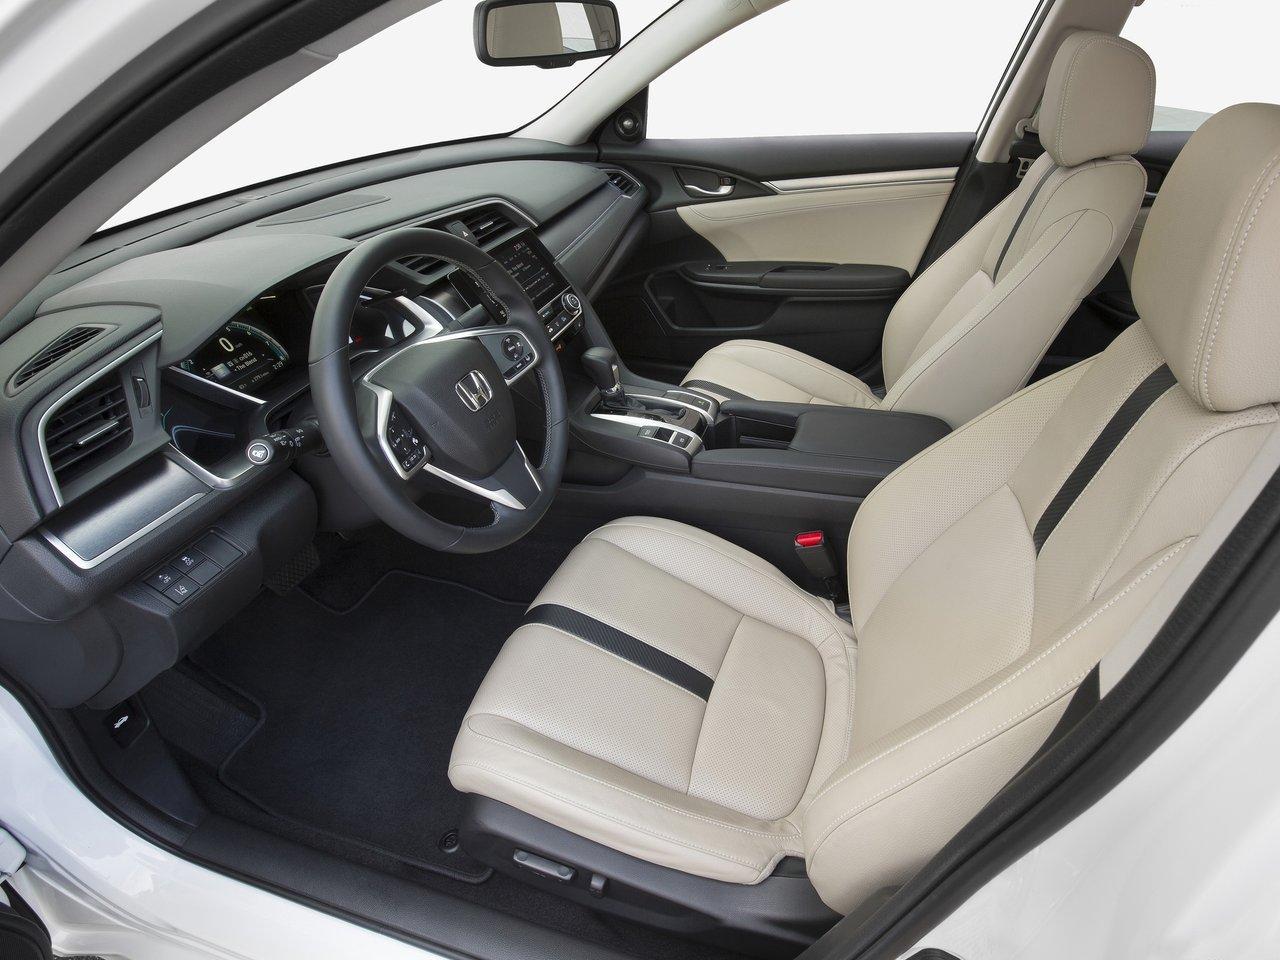 New Honda Civic India Launch Date Price Specs Mileage Images